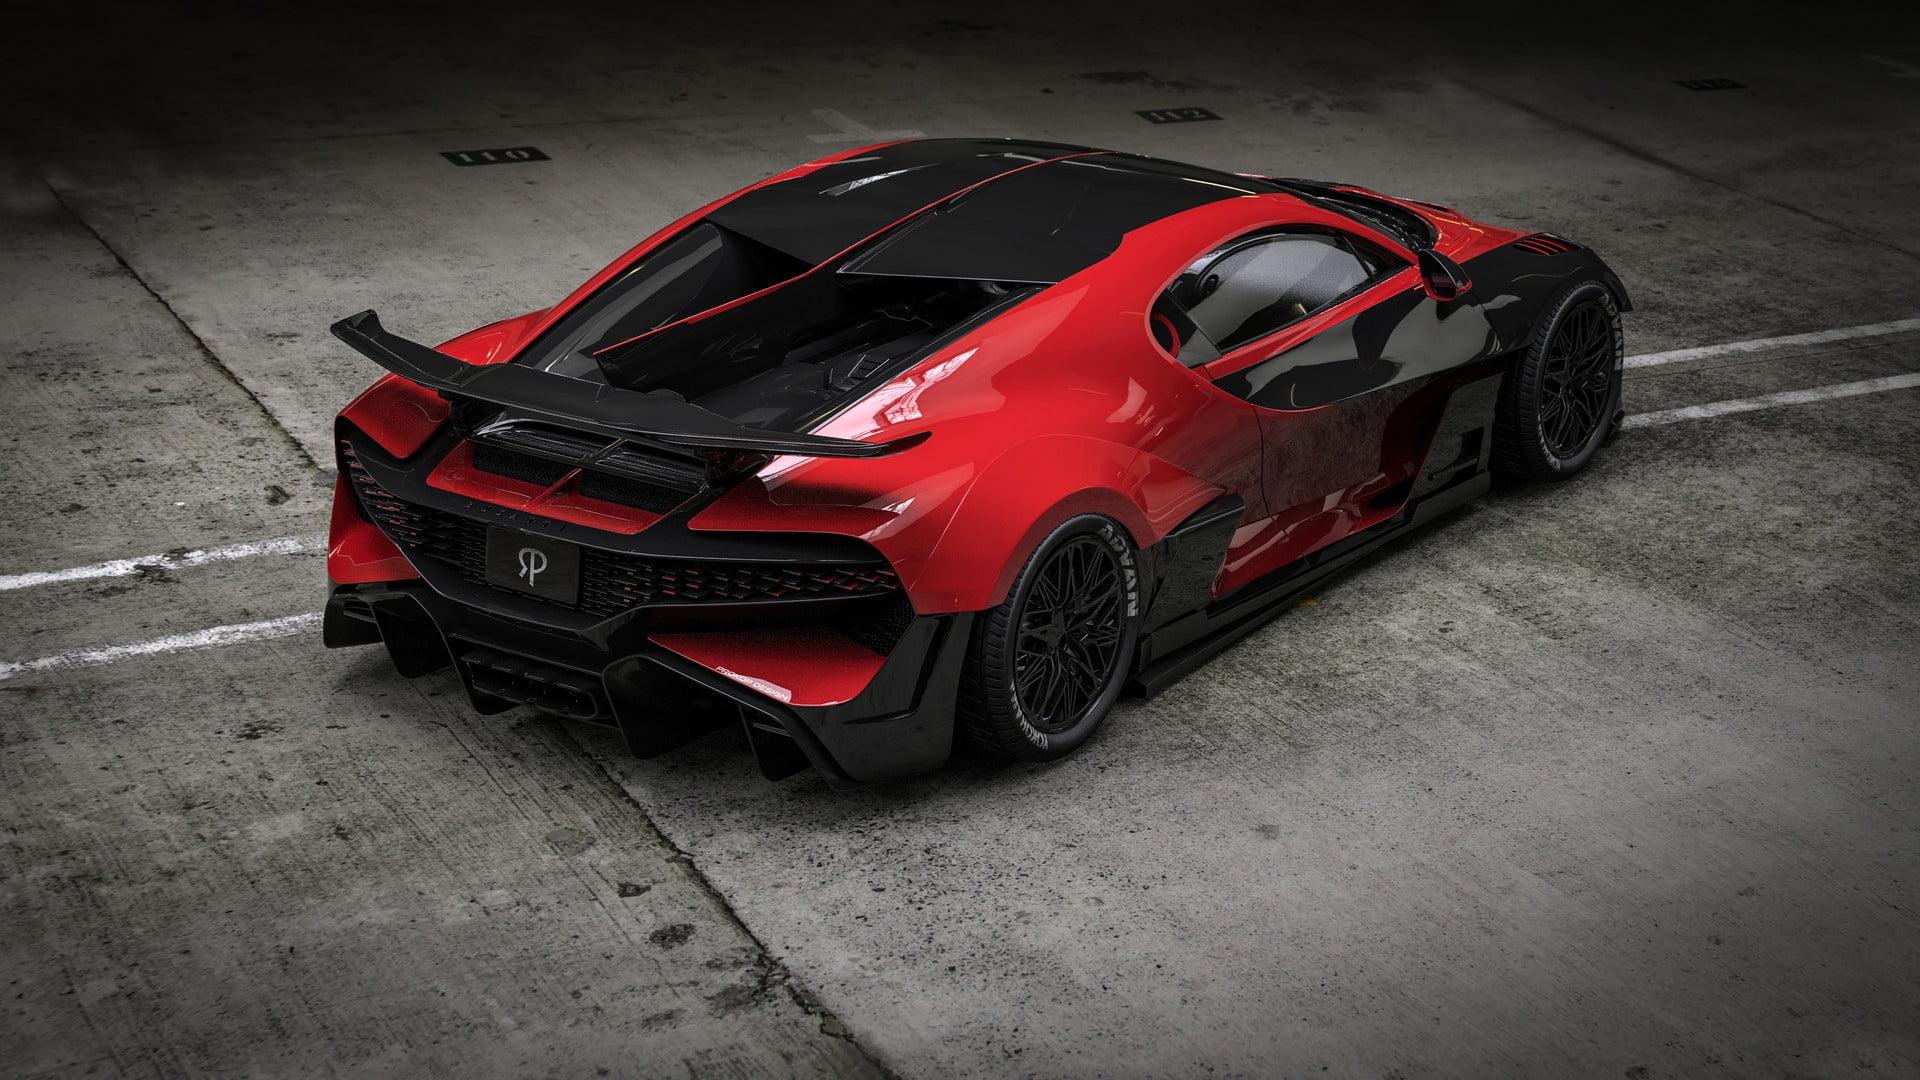 red and black bugatti wallpaper 68649